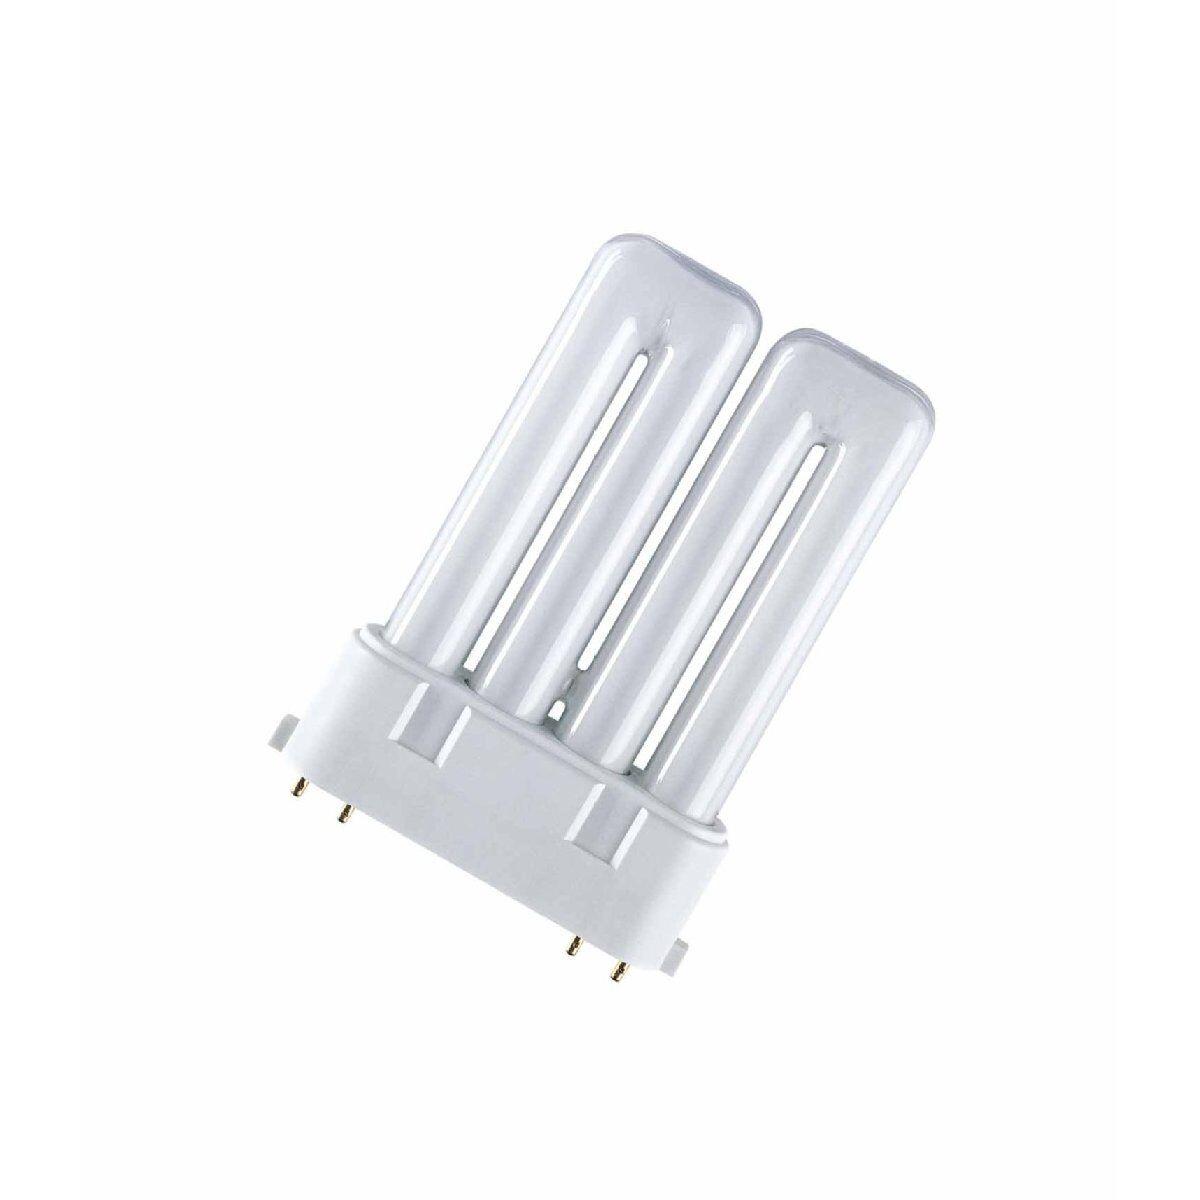 Osram Lámpara Fluorescente Compacta Dulux F - 2G10,827 Internacional - 24W-10-pc